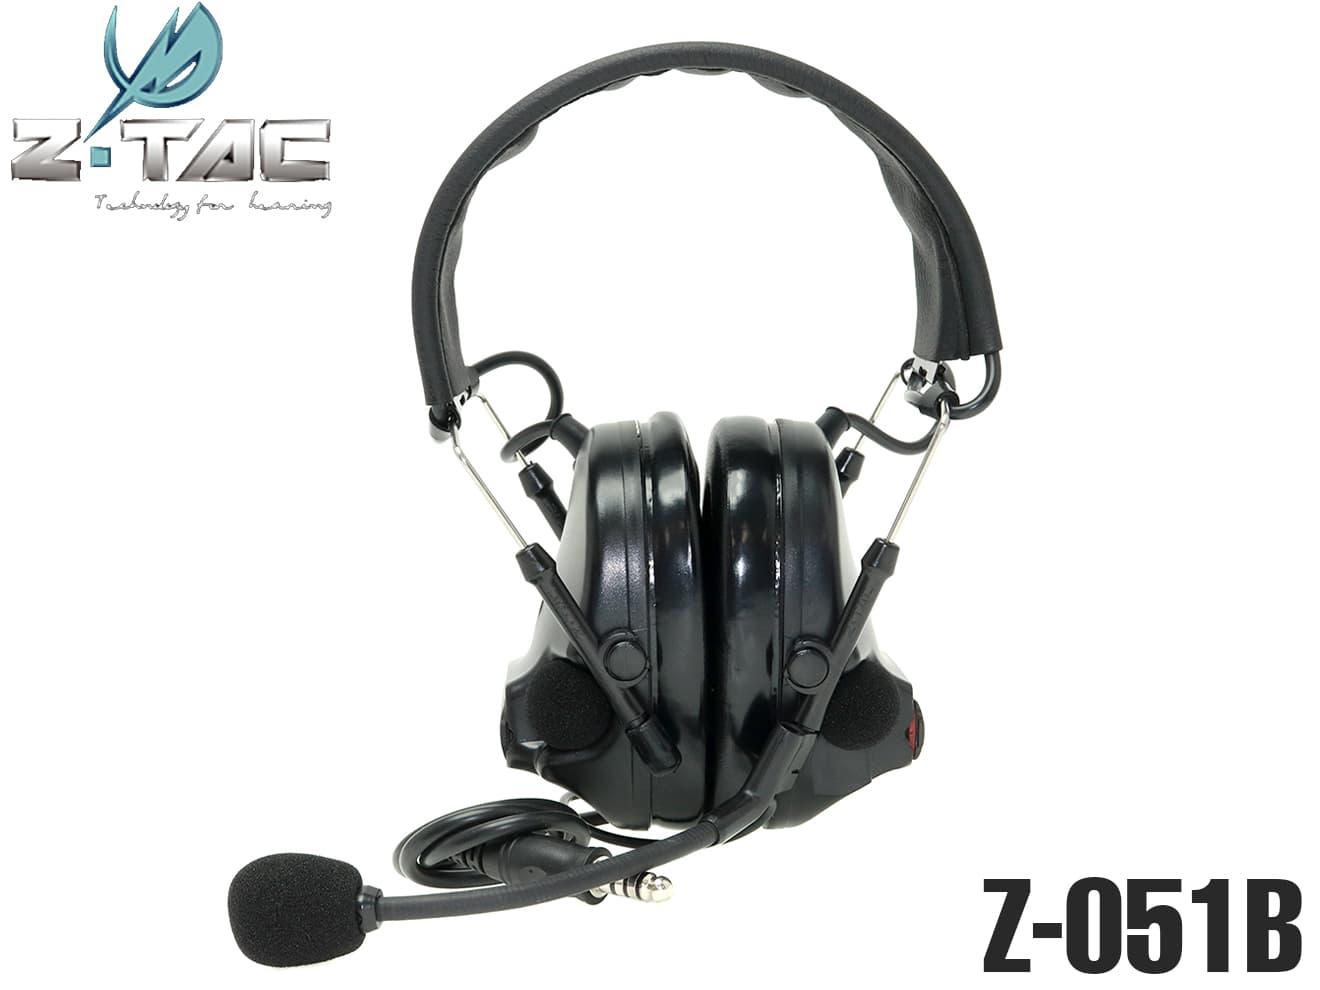 【正規代理店】Z-TACTICAL CMTC III タクティカルヘッドセット BK◆Zタクティカル CMTC 3 ノイズカット/サラウンド機能 NAVYSEALs装備に